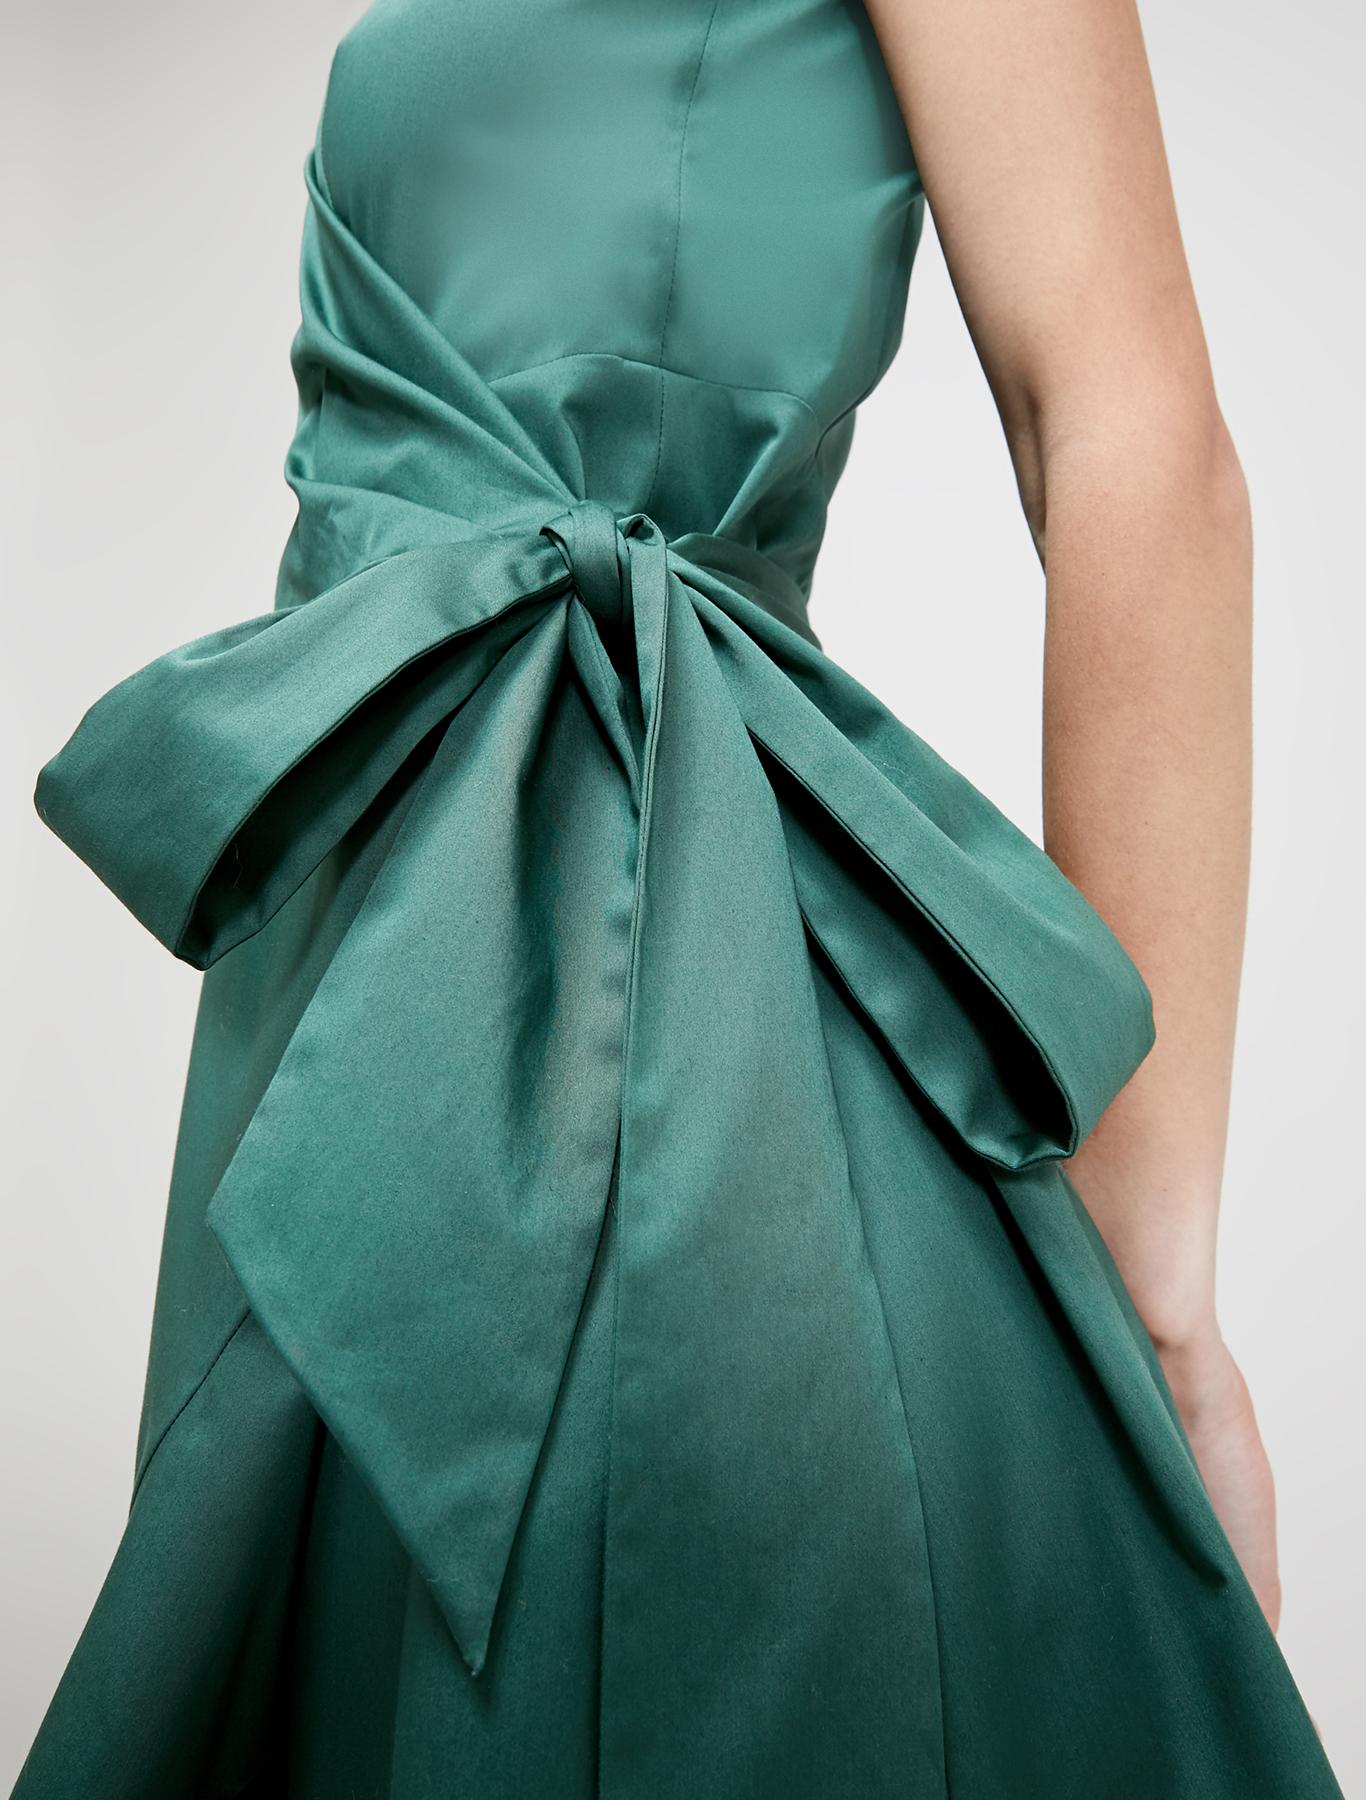 Cotton satin wrap dress - green - pennyblack